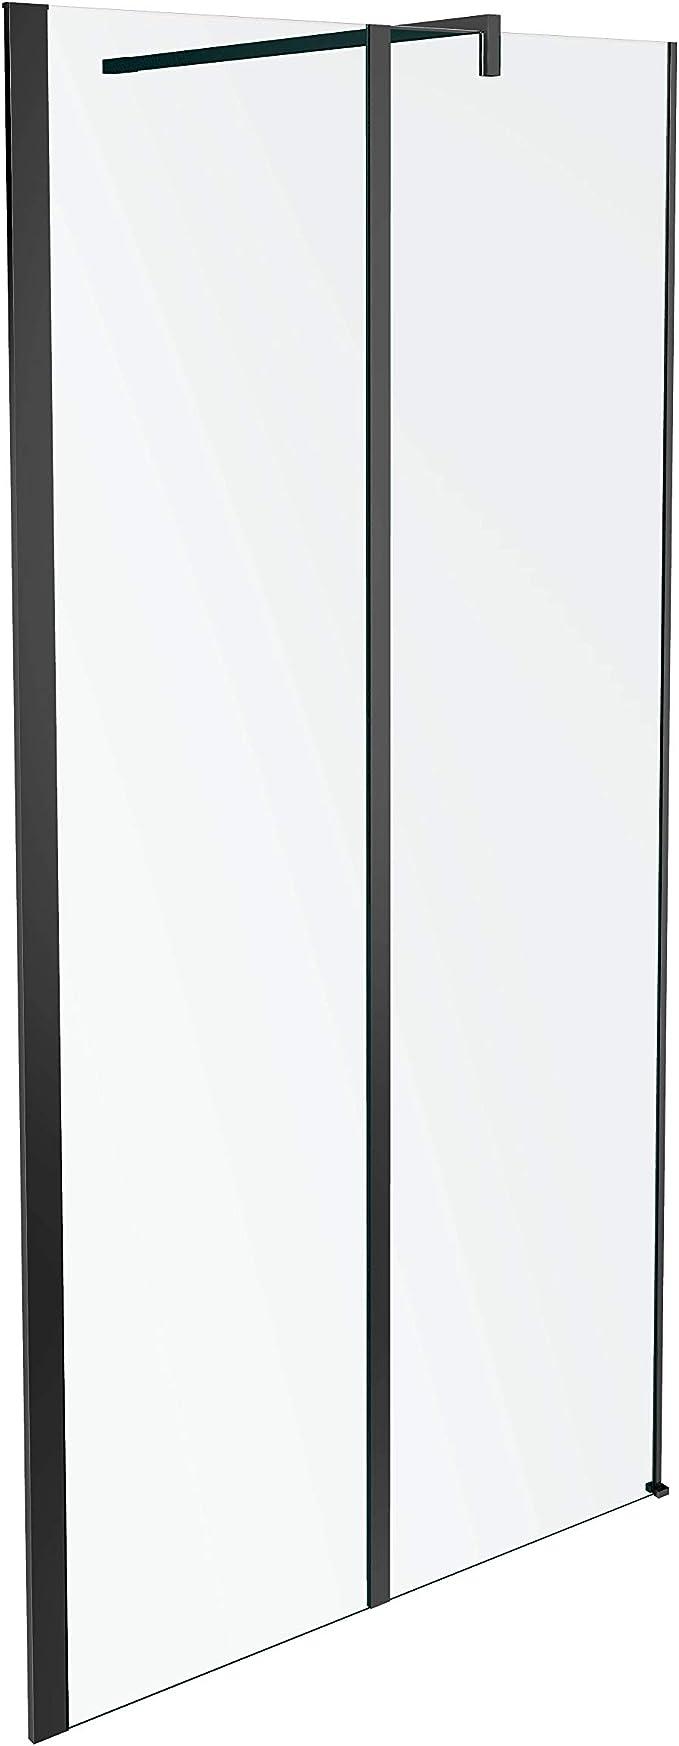 Jacob Delafon Serenity -Mampara de ducha fija 120 cm, perfilería acabado negro Ref. E14W120-BLV: Amazon.es: Bricolaje y herramientas